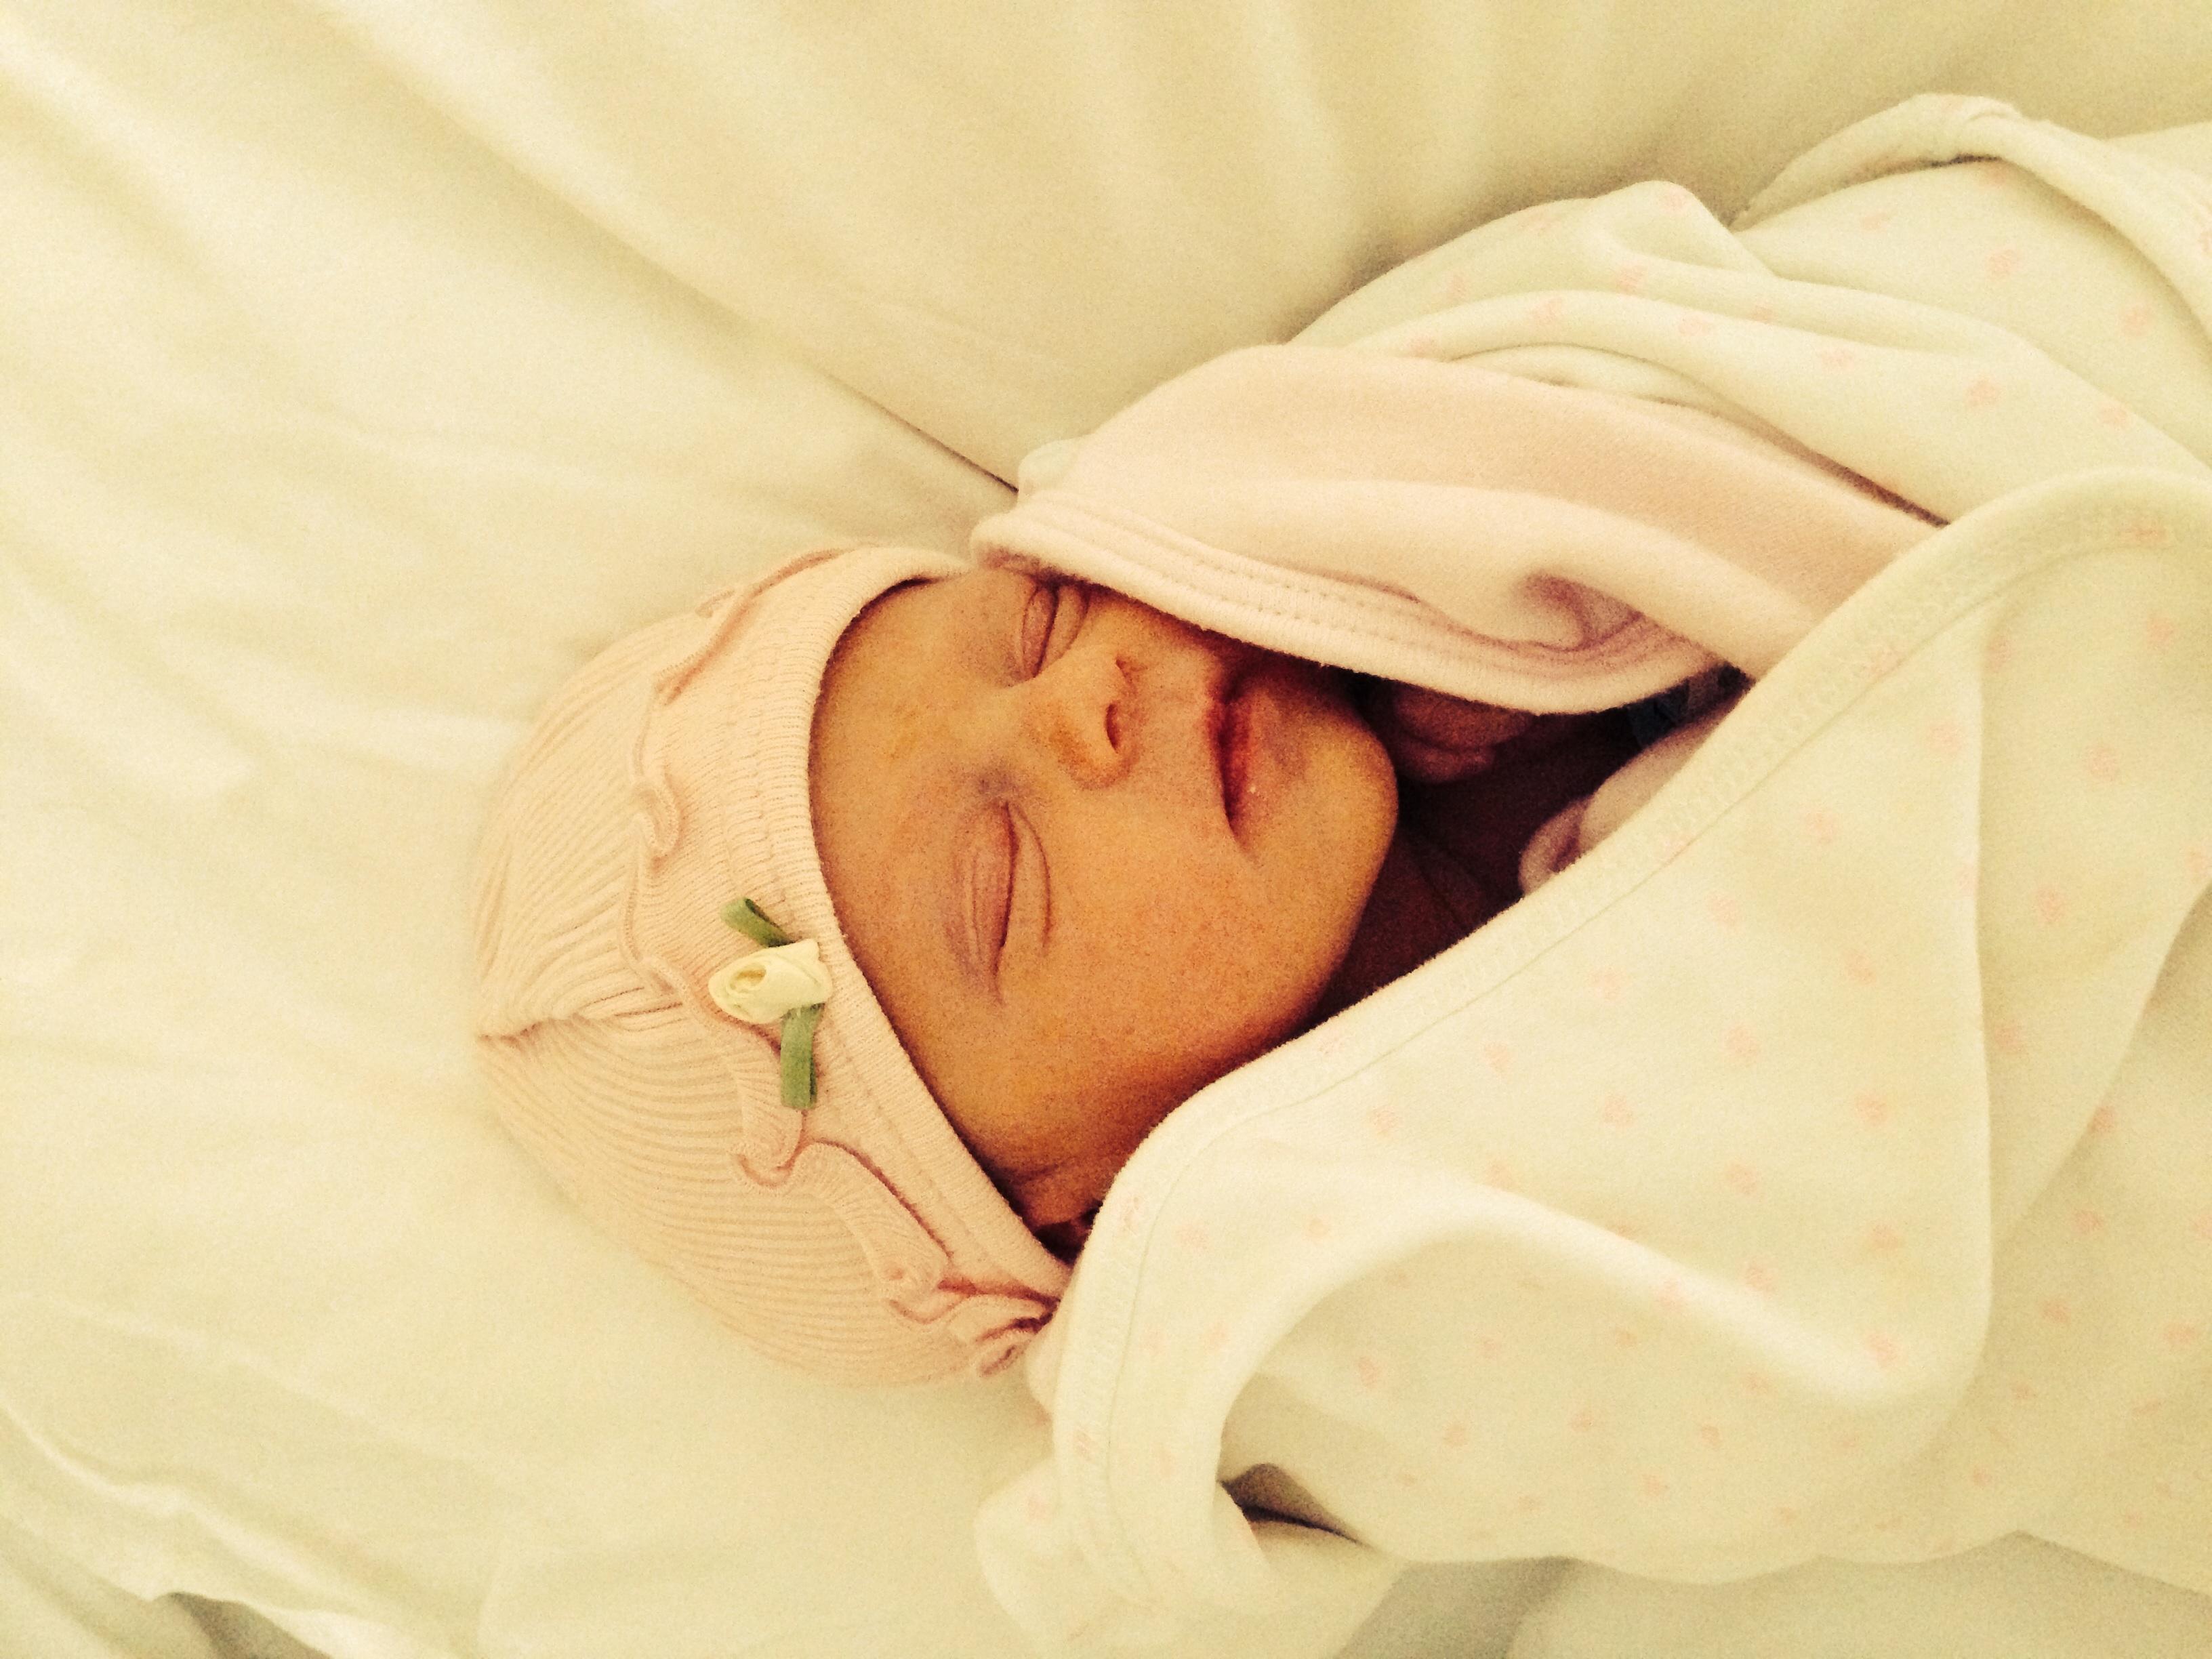 Baby Esta weighing 2.050 kg